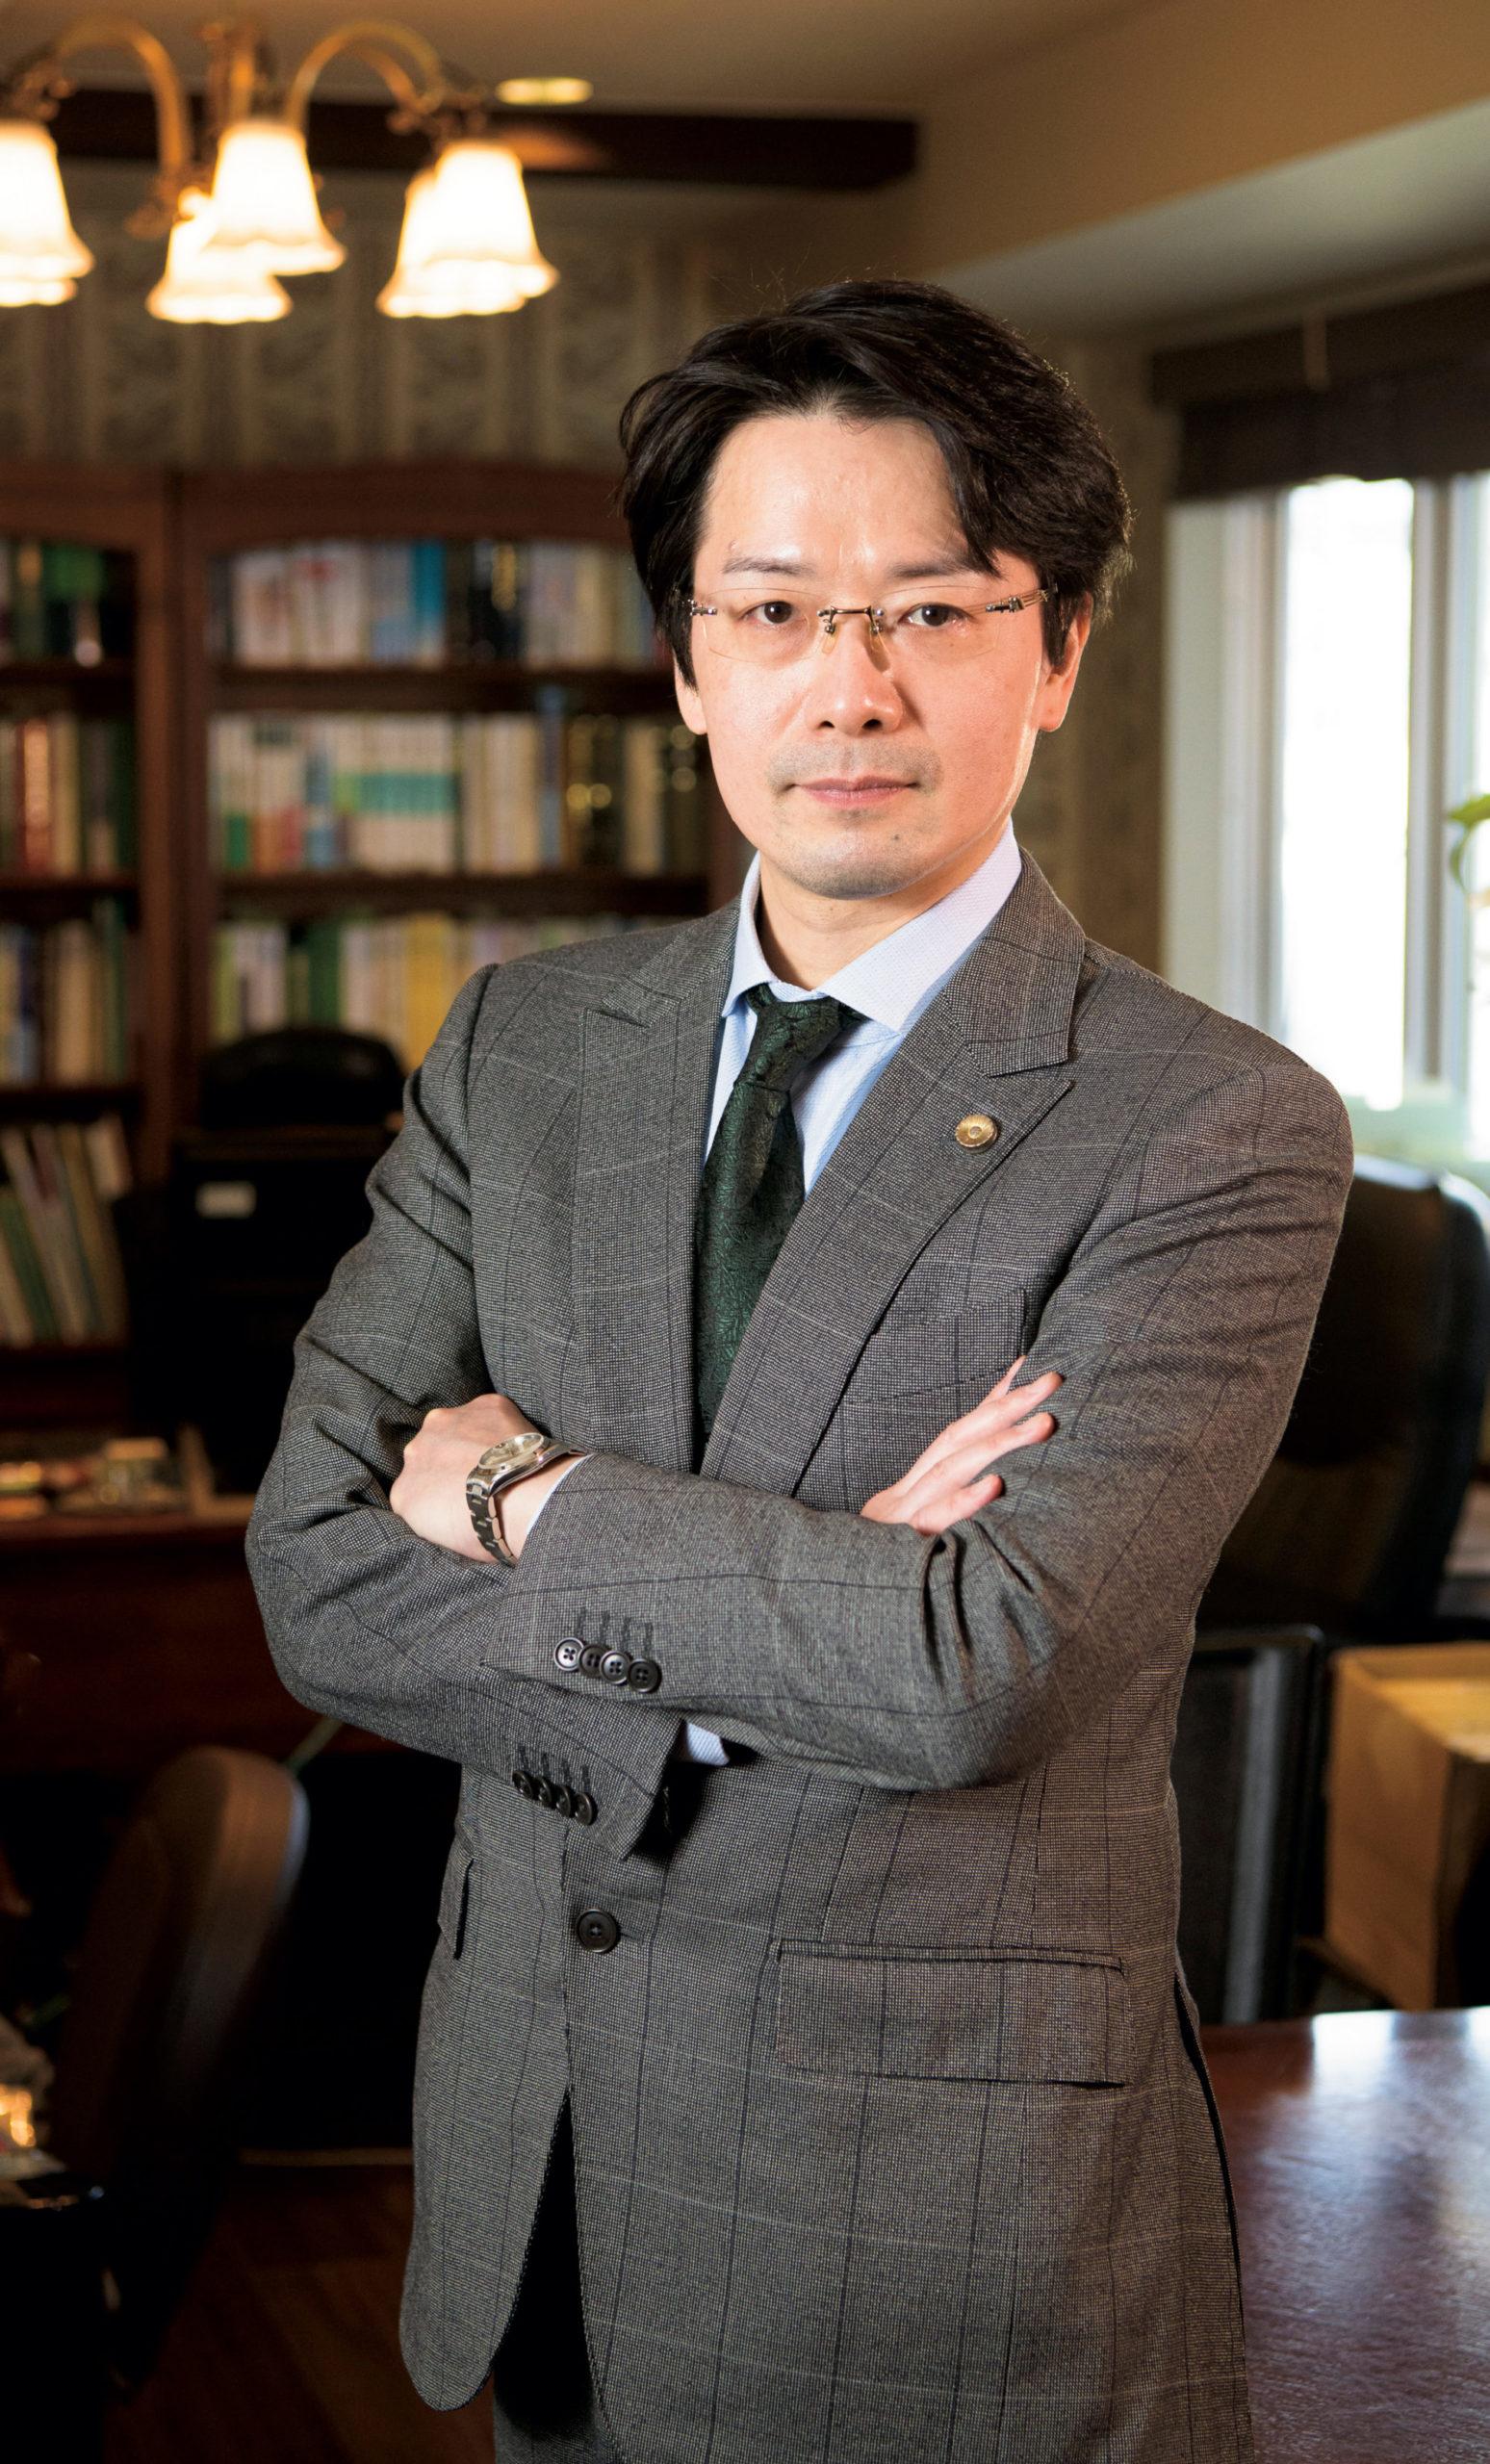 弁護士 早川 修